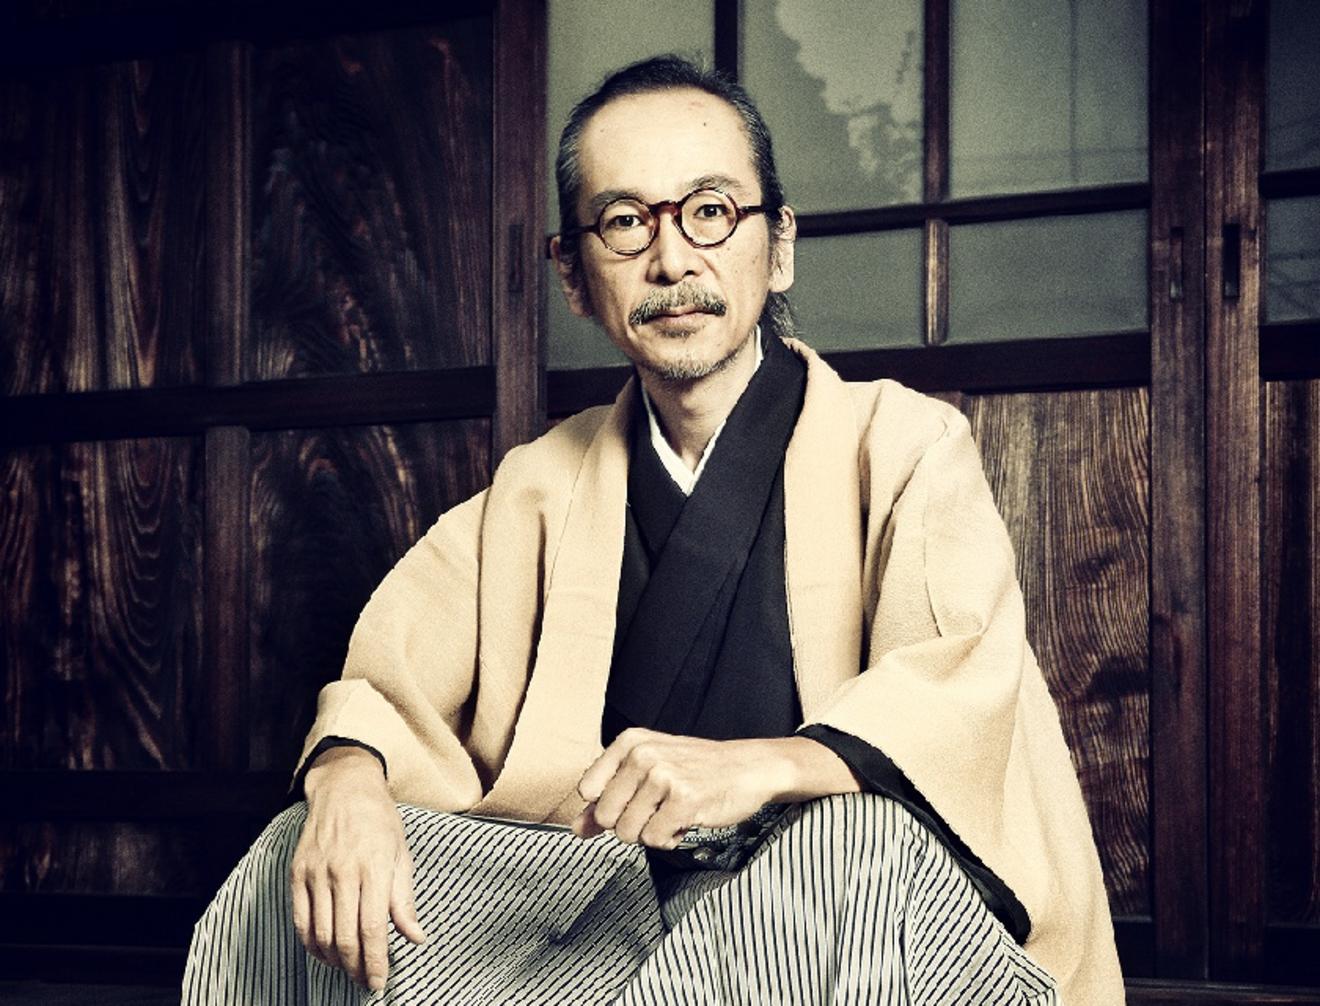 人間椅子・和嶋慎治が選ぶ「色川武大と阿佐田哲也」